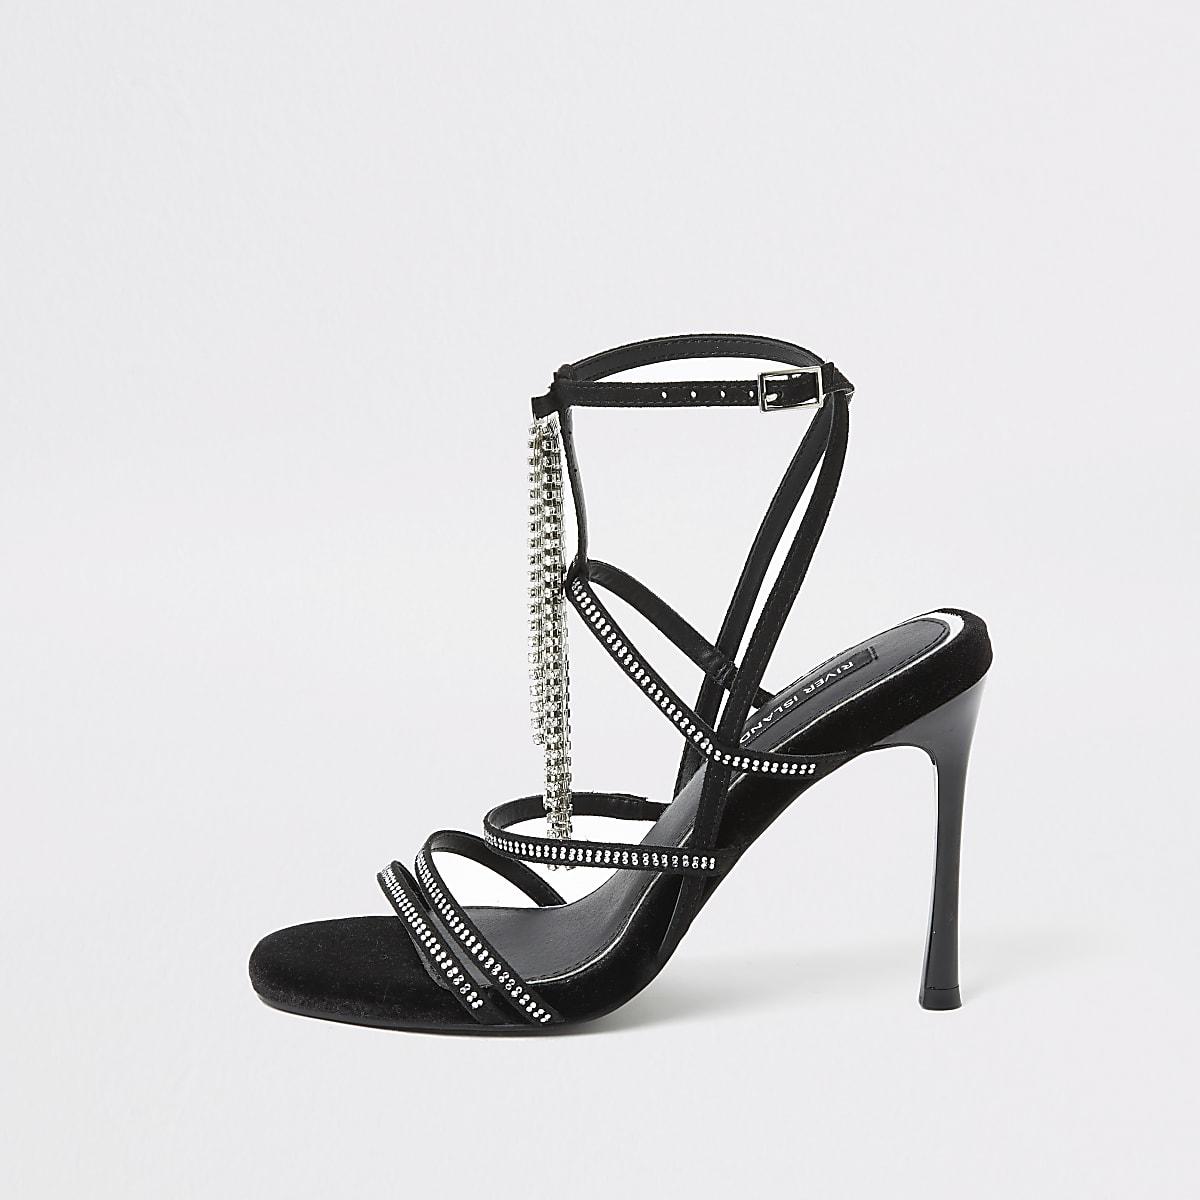 Zwarte sandalen met siersteentjes, hak en bandjes